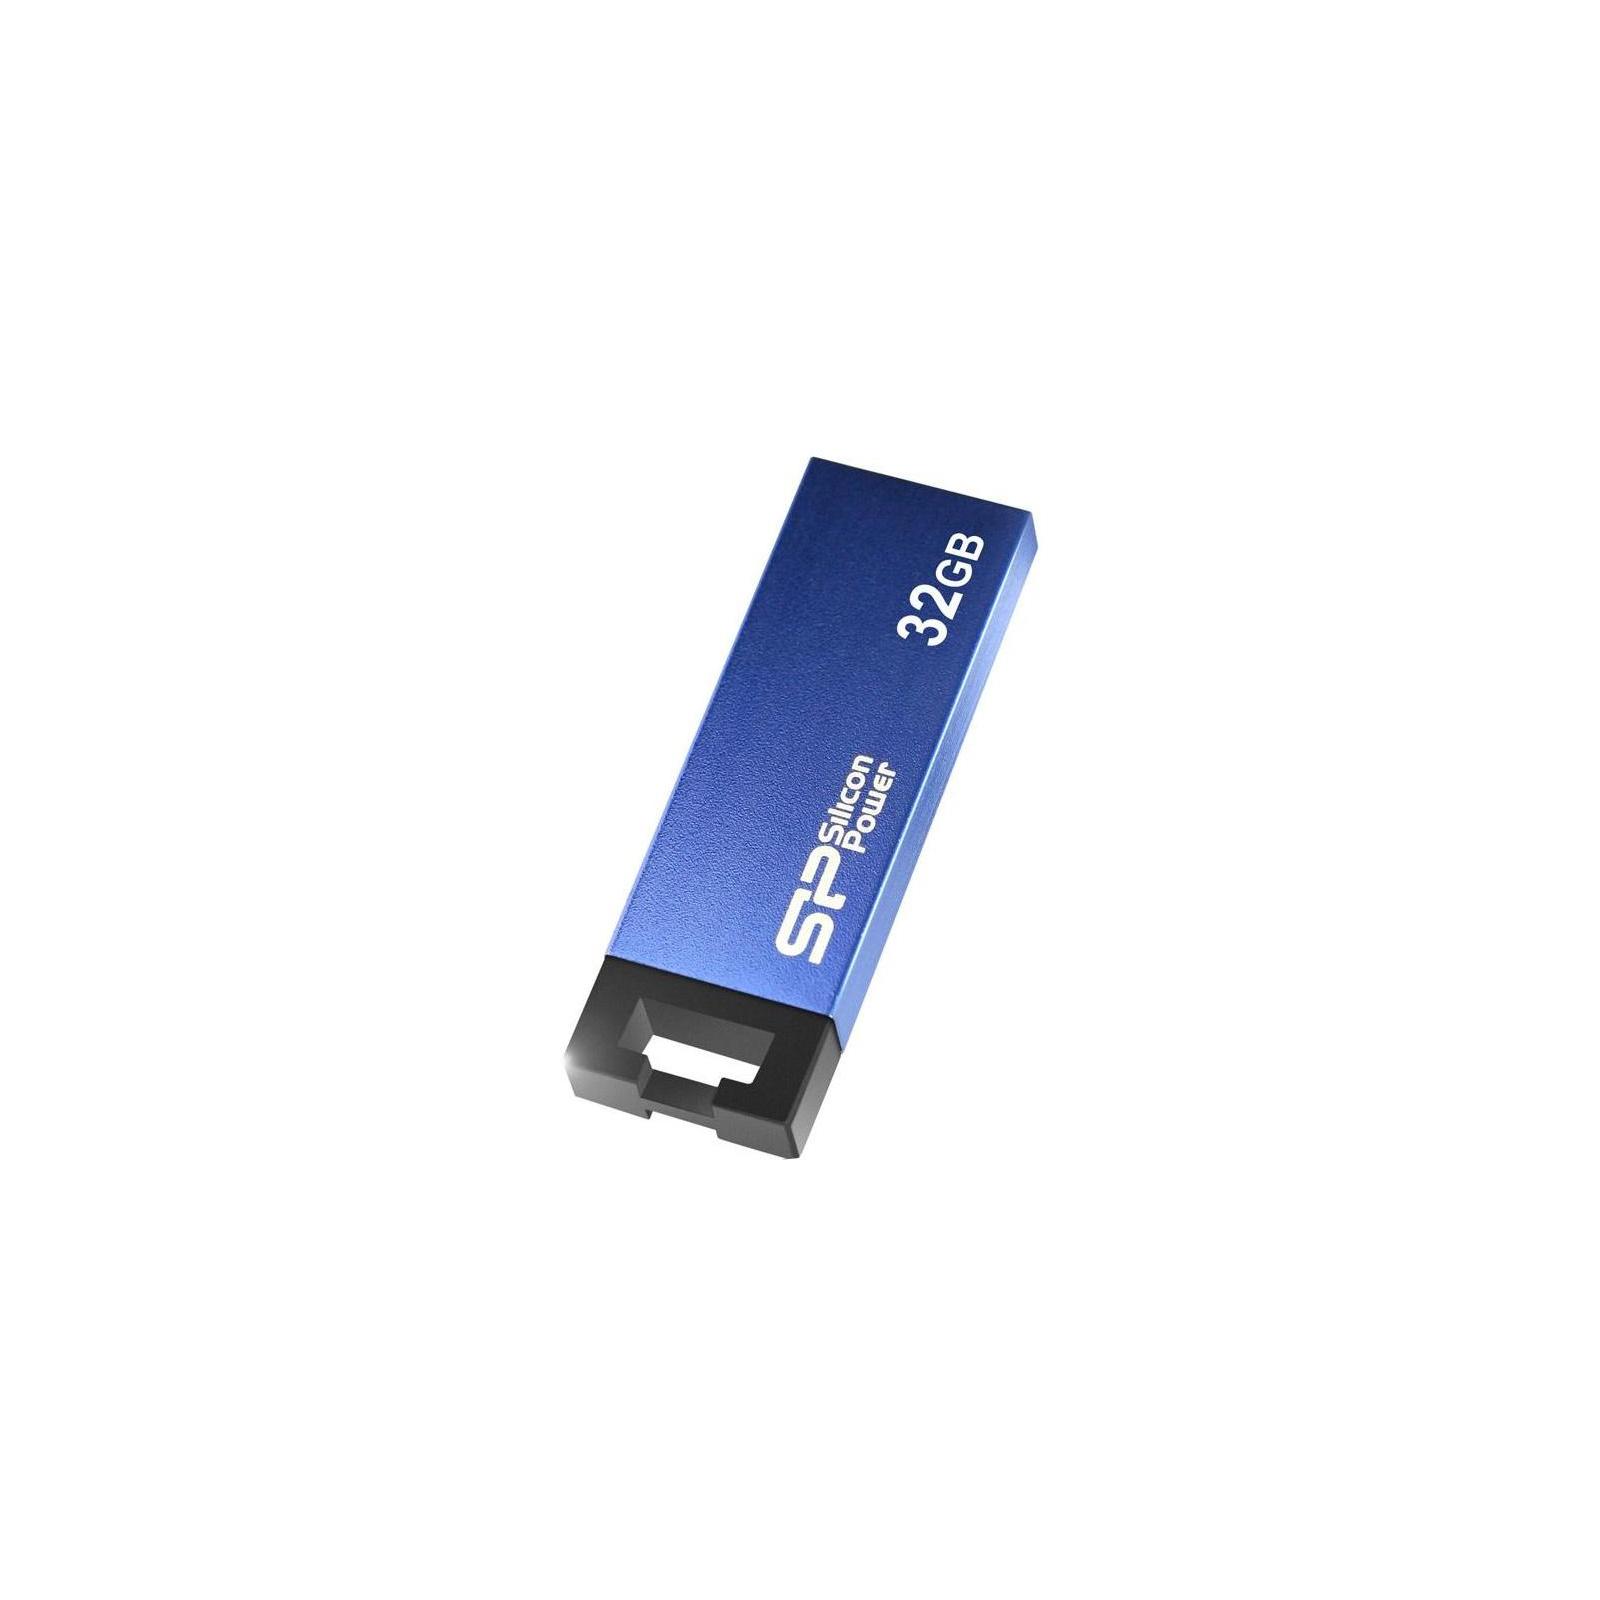 USB флеш накопитель Silicon Power 32GB 835 Blue USB 2.0 (SP032GBUF2835V1B) изображение 3